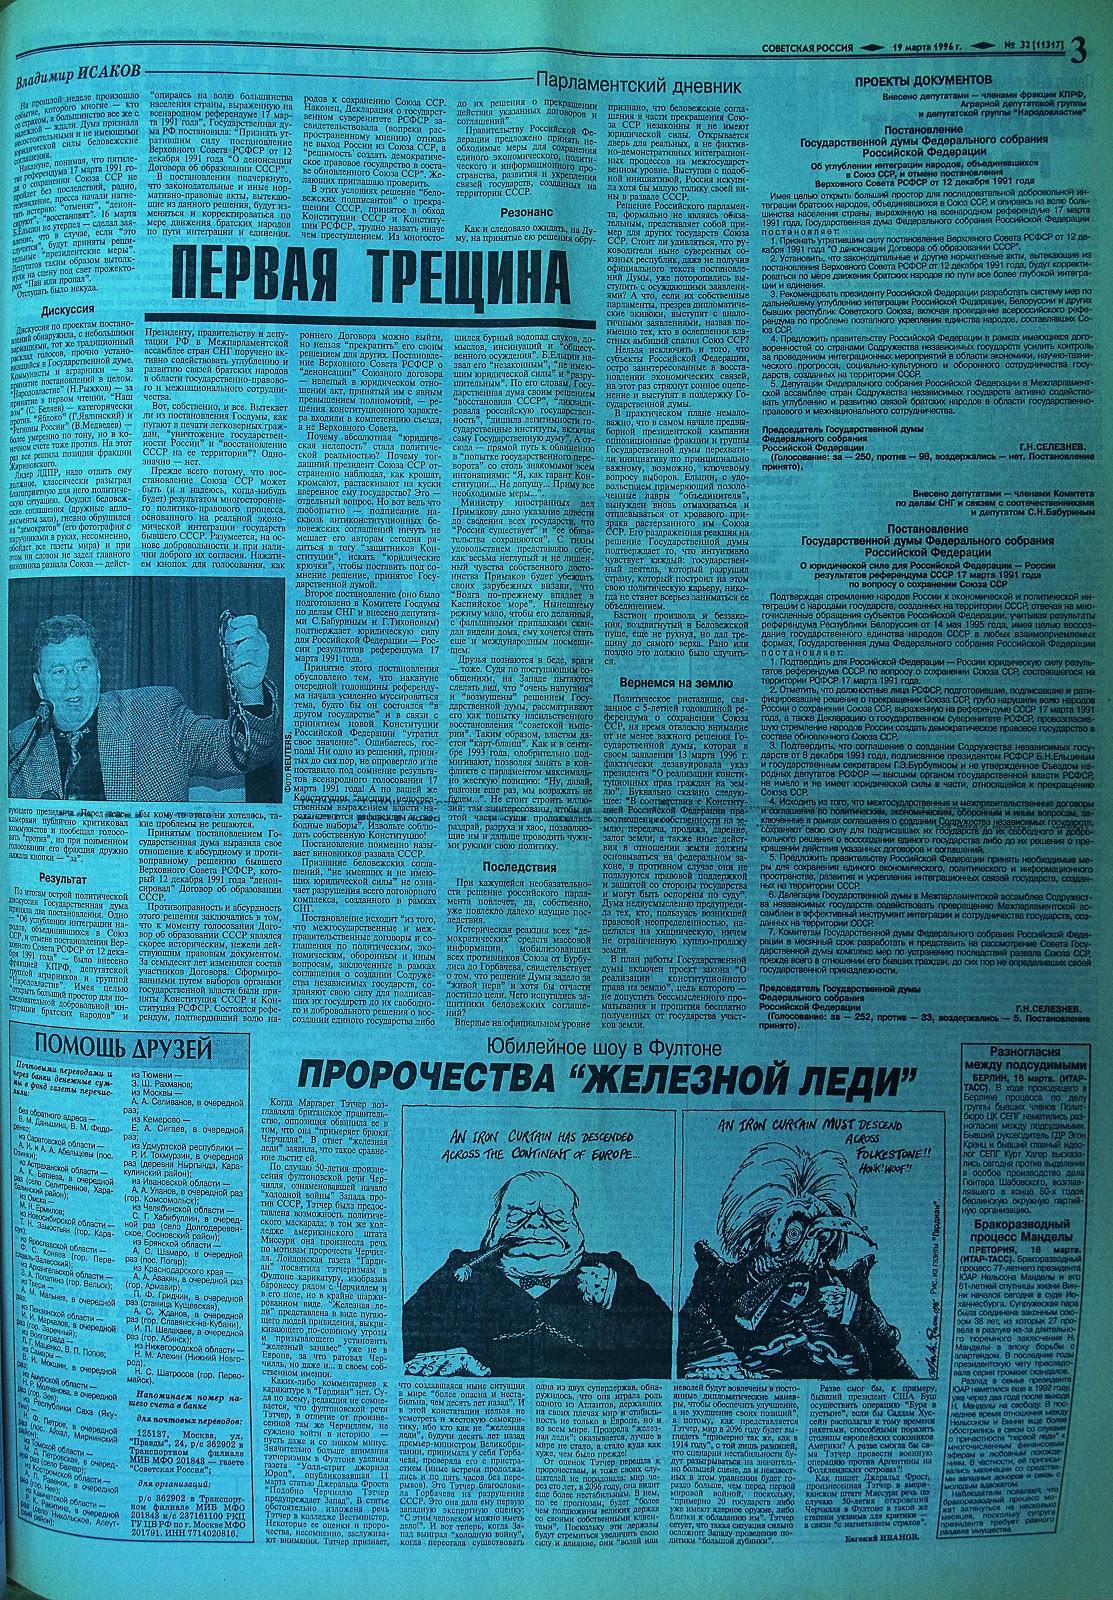 Декабрь 1991 года схема